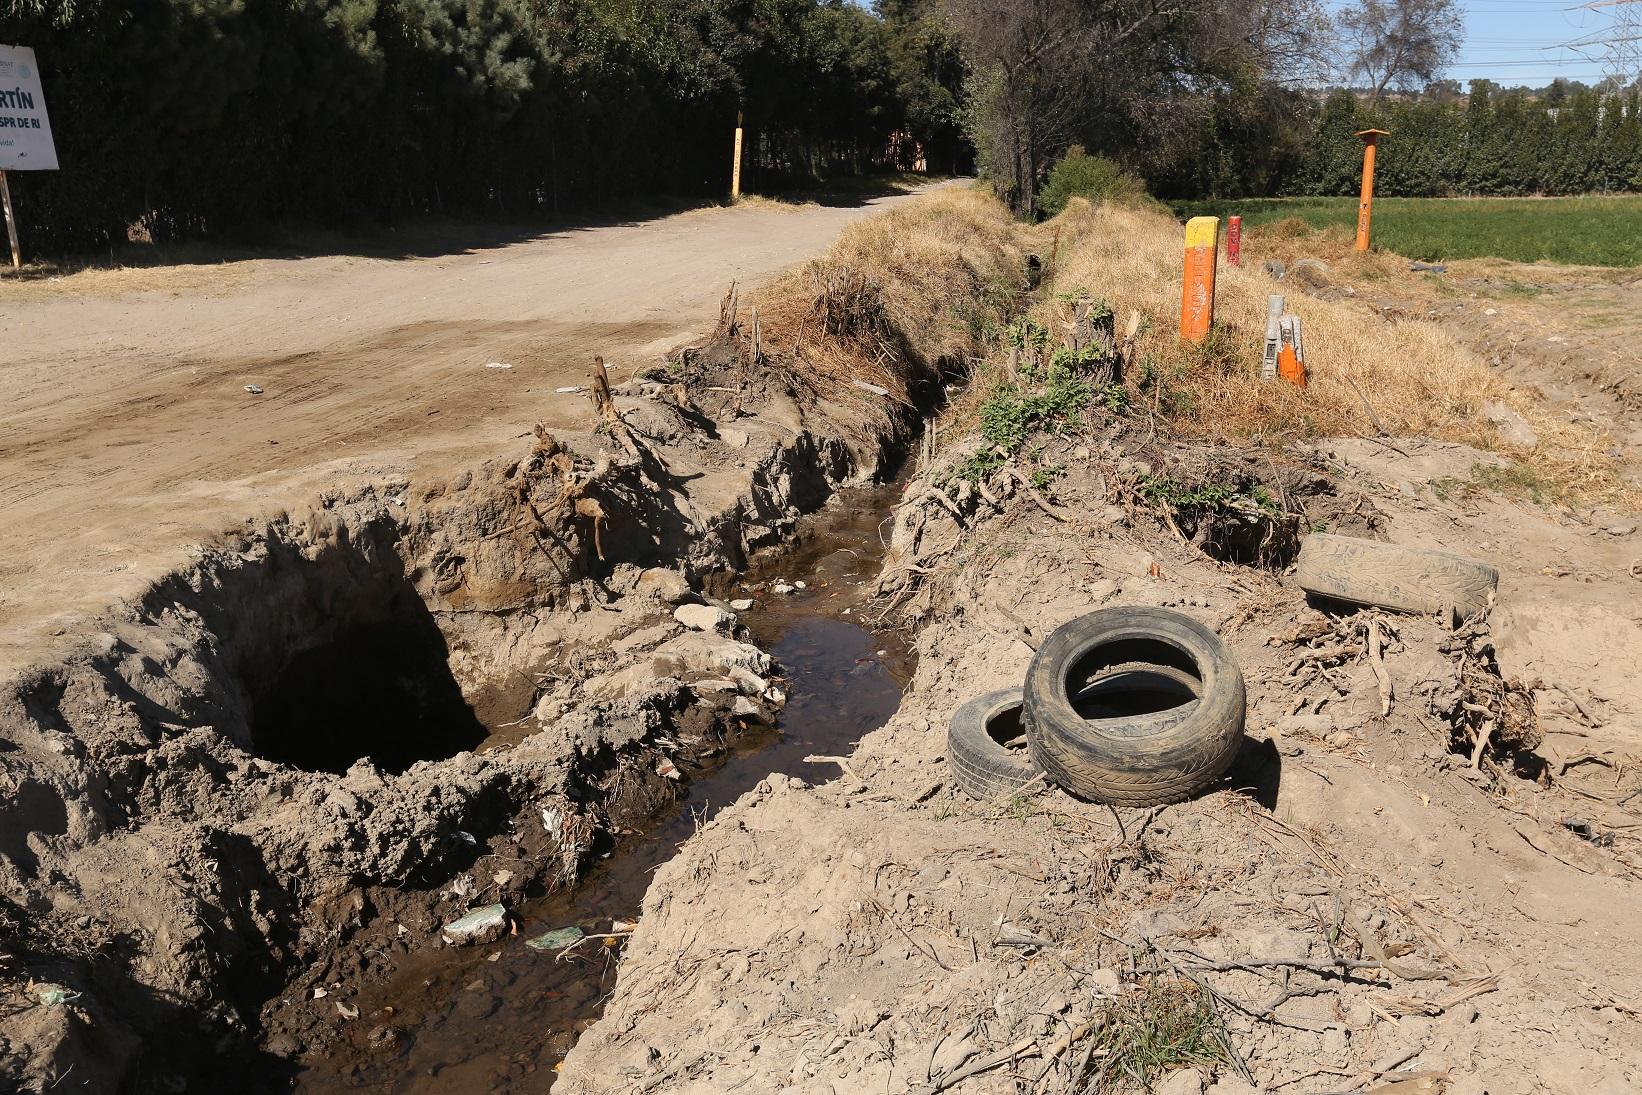 local onde ocorreu huachicol no mexico ladroes fazem escavacoes e roubam combustivel diretamente de oleodutos